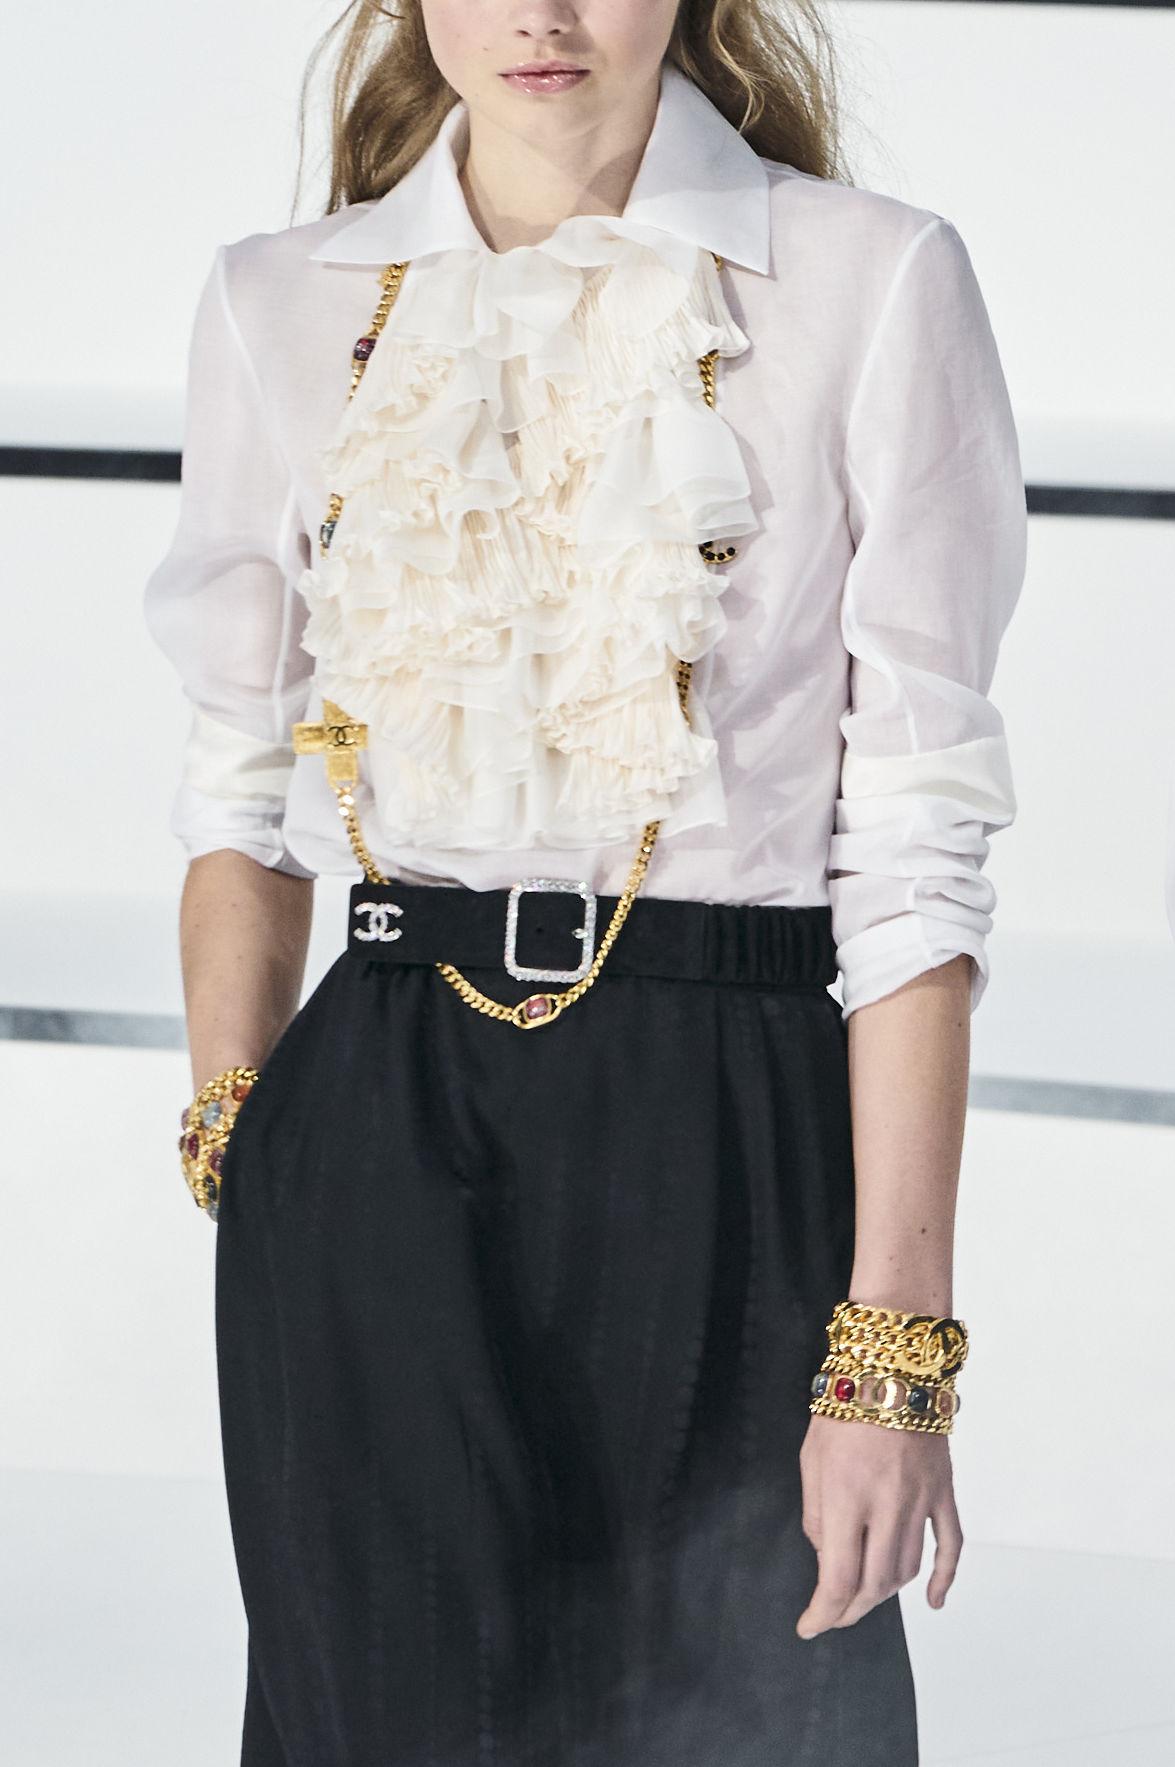 La camisa blanca es una pieza atemporal y necesaria en el closet de toda mujer. Este modelo con detalle de volantes fue presentado en la pasarela de Chanel. (WGSN)